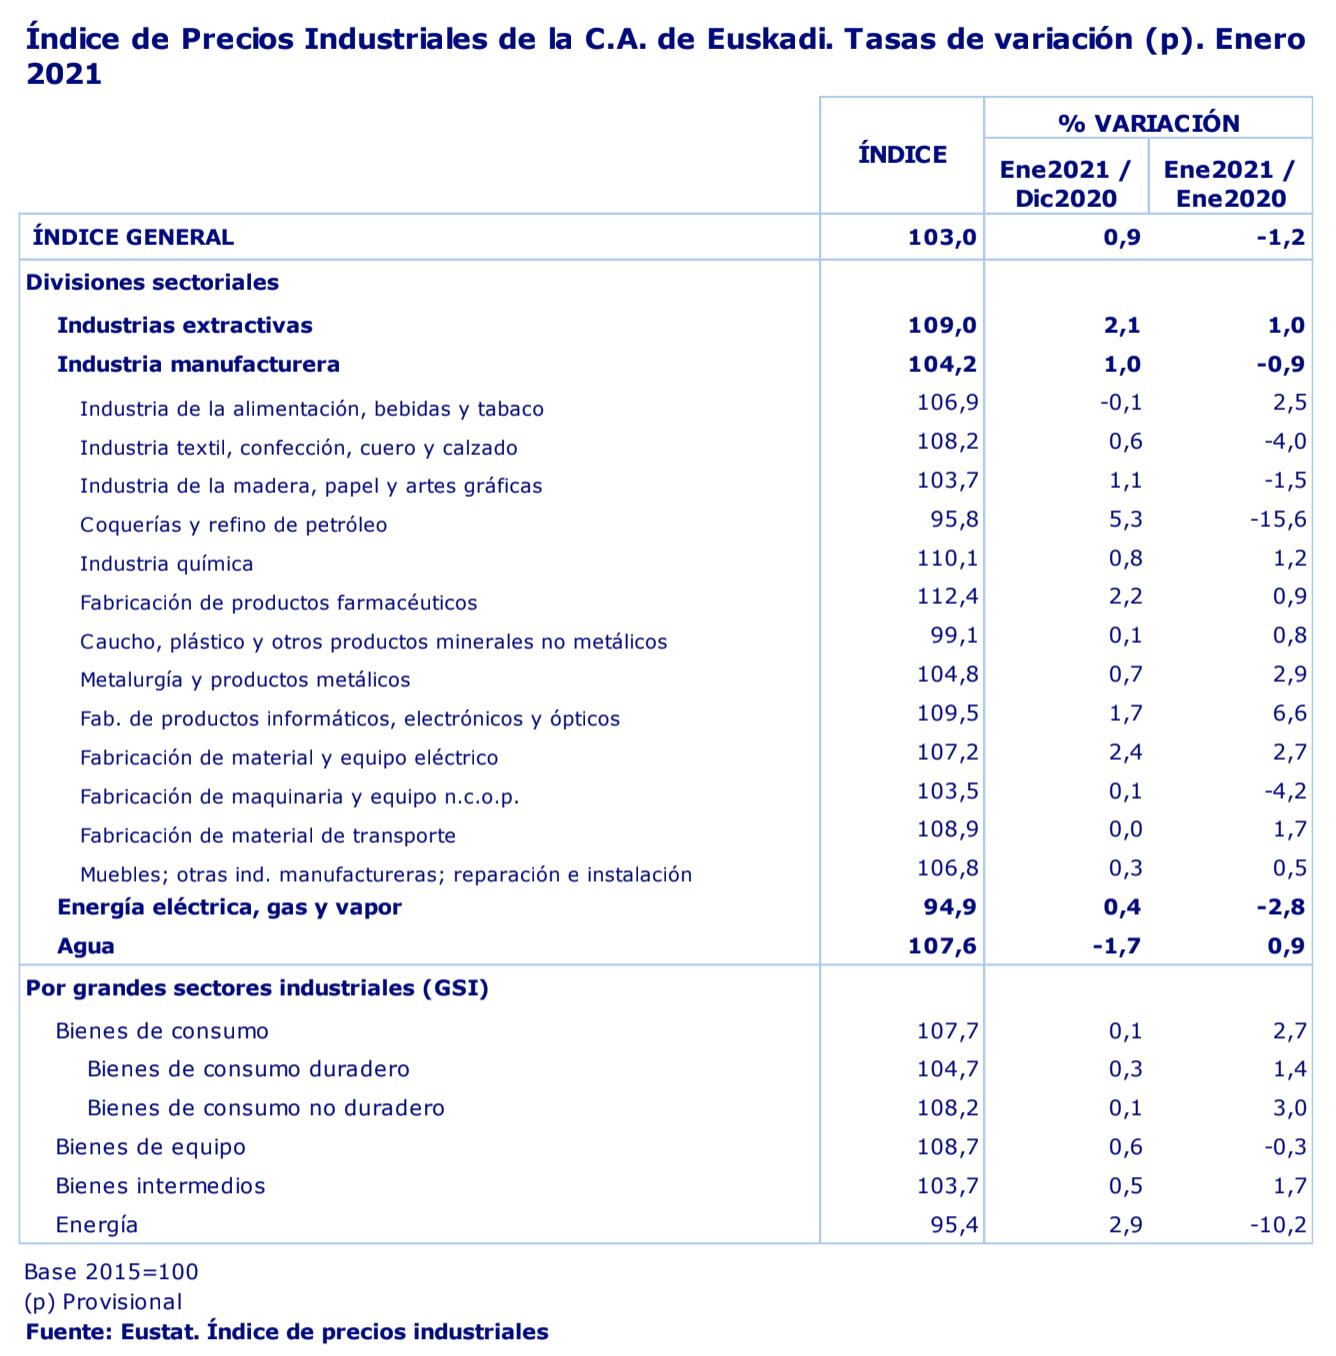 Los precios industriales de Euskadi suben un 0,9% en enero de 2021 en relación al mes anterior 2